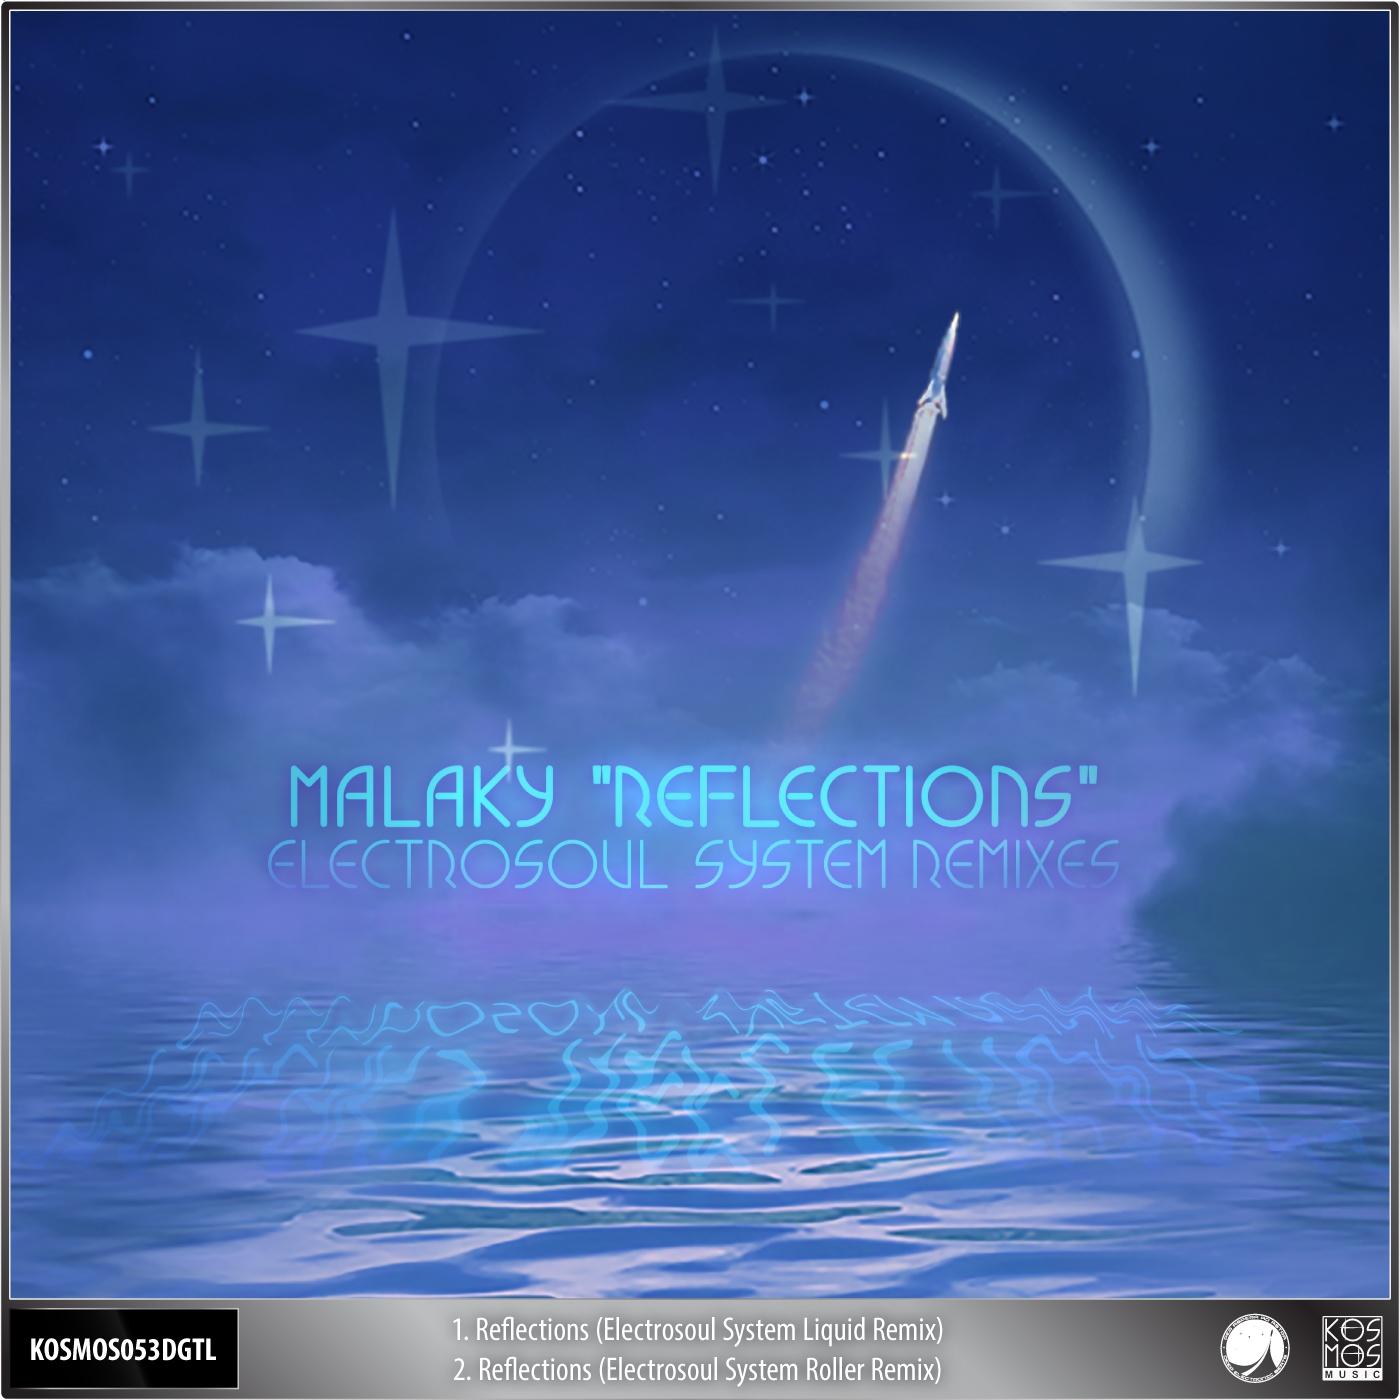 Malaky - Reflections Electrosoul  (Electrosoul System Roller Remix)